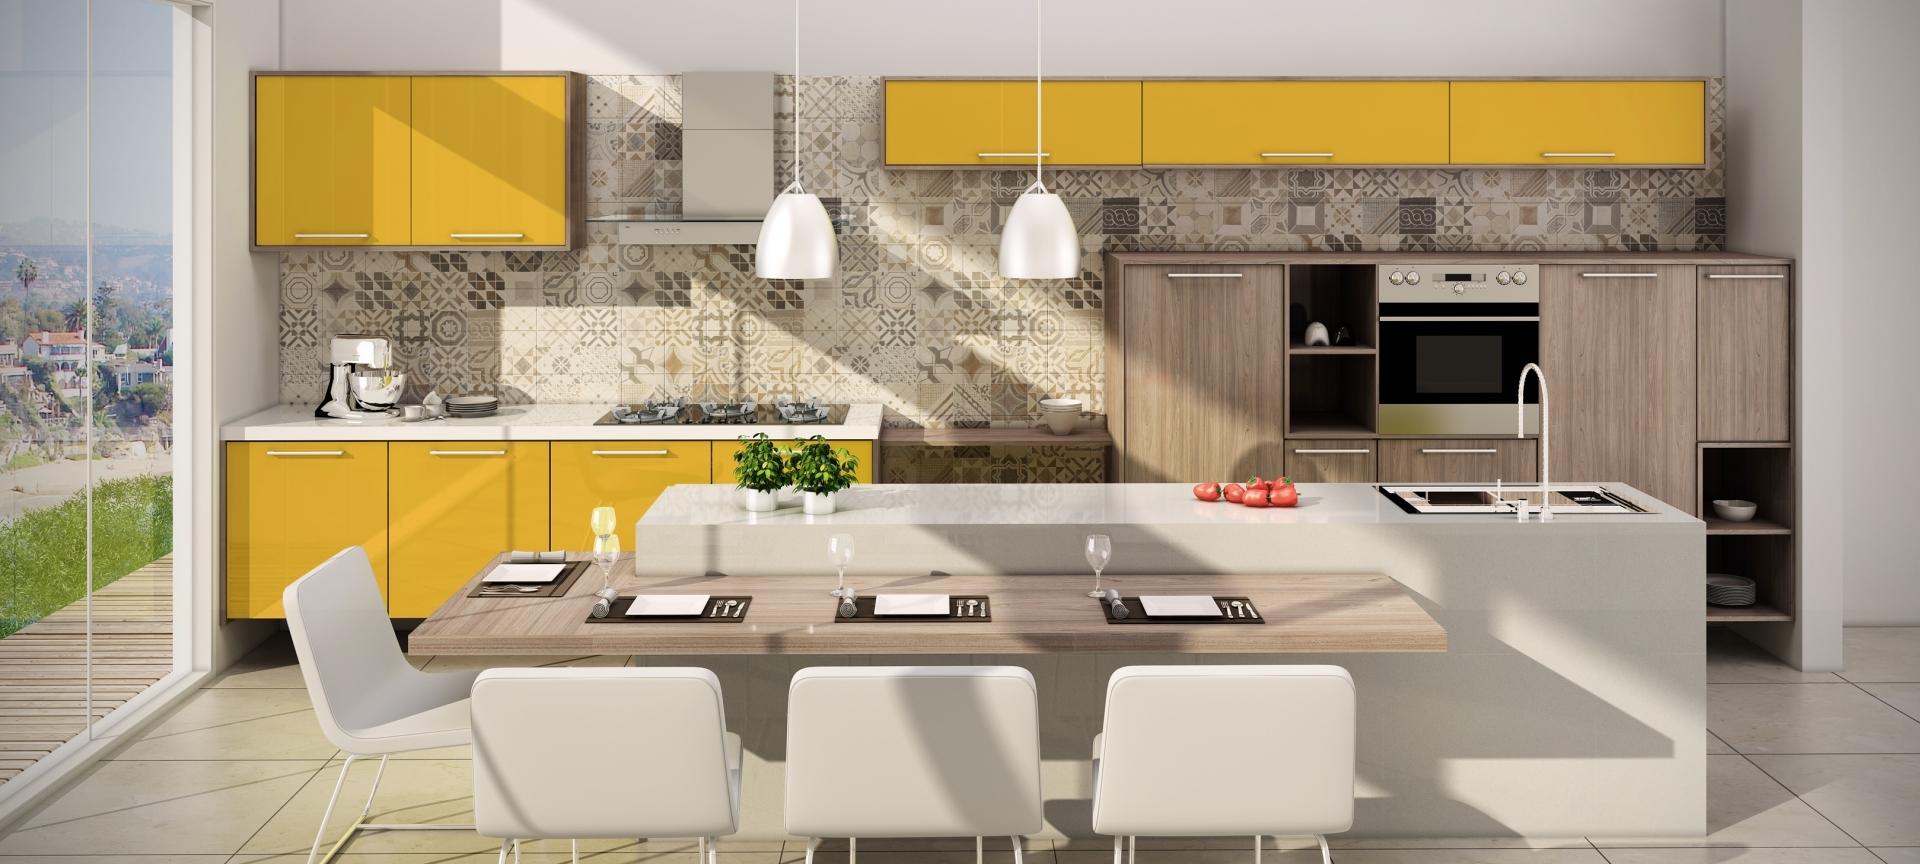 Onde Encontrar Fábrica de Cozinhas Planejadas na Vila Leopoldina - Cozinha Planejada Americana